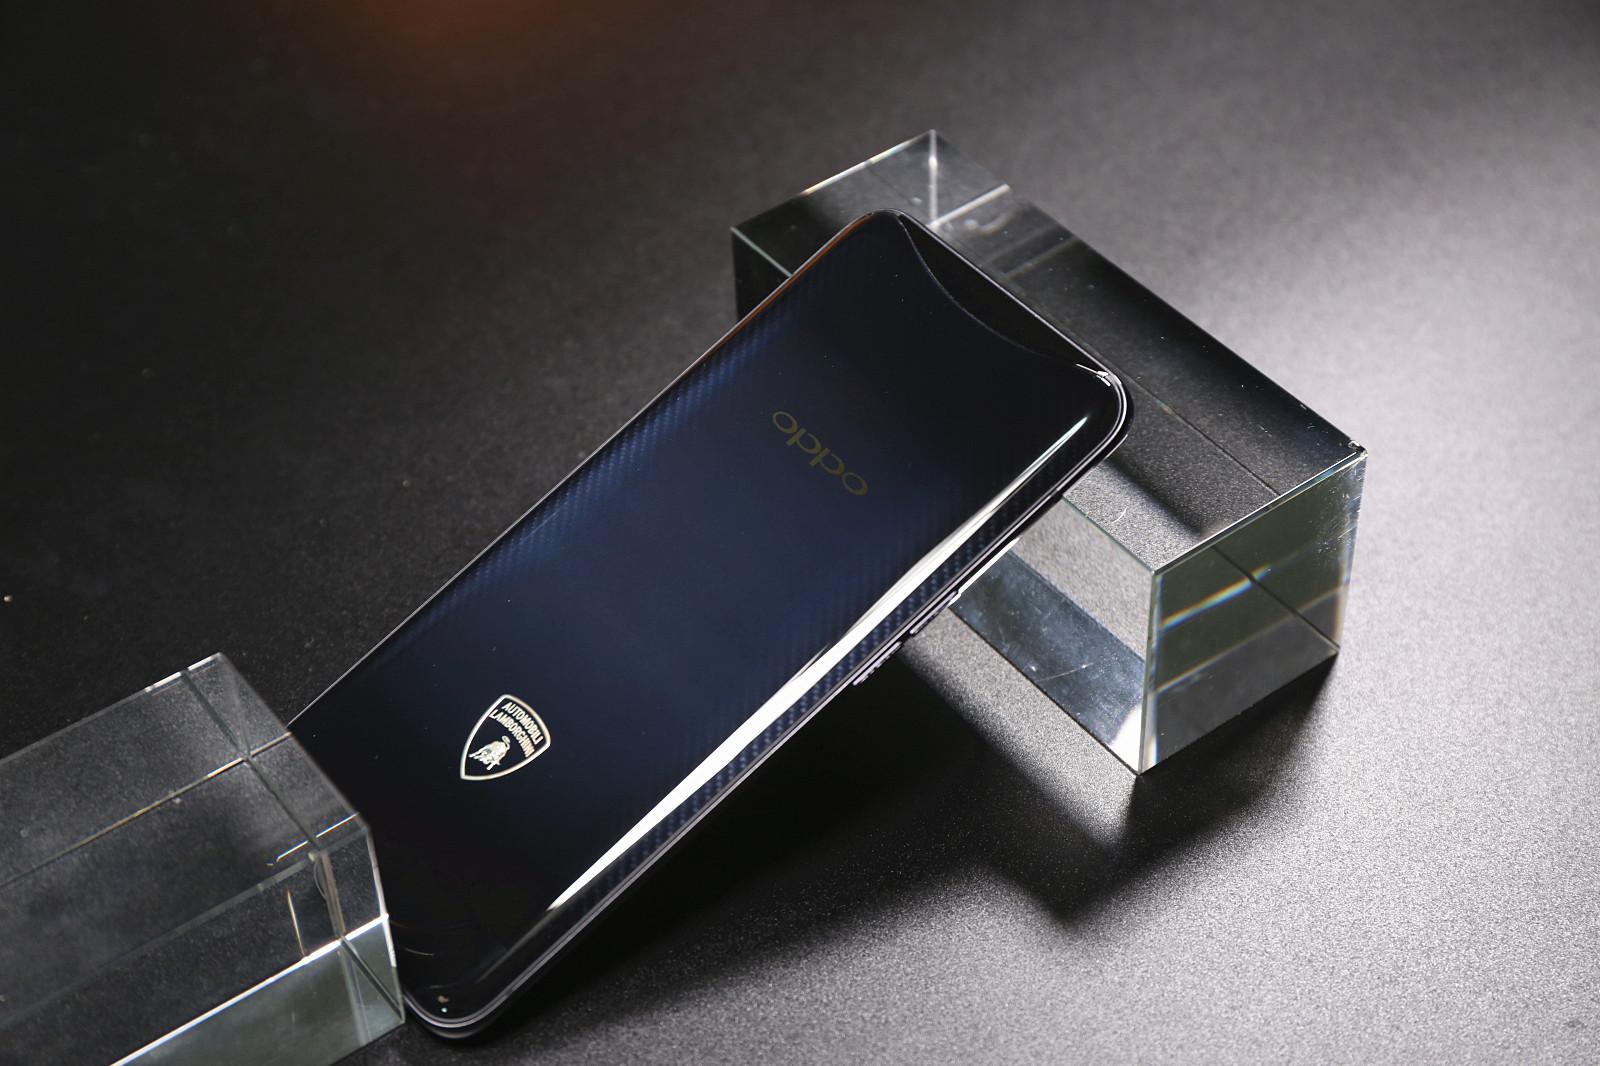 手机节费宝无法注册_oppoa53m手机参数配置_英强乖离率参数